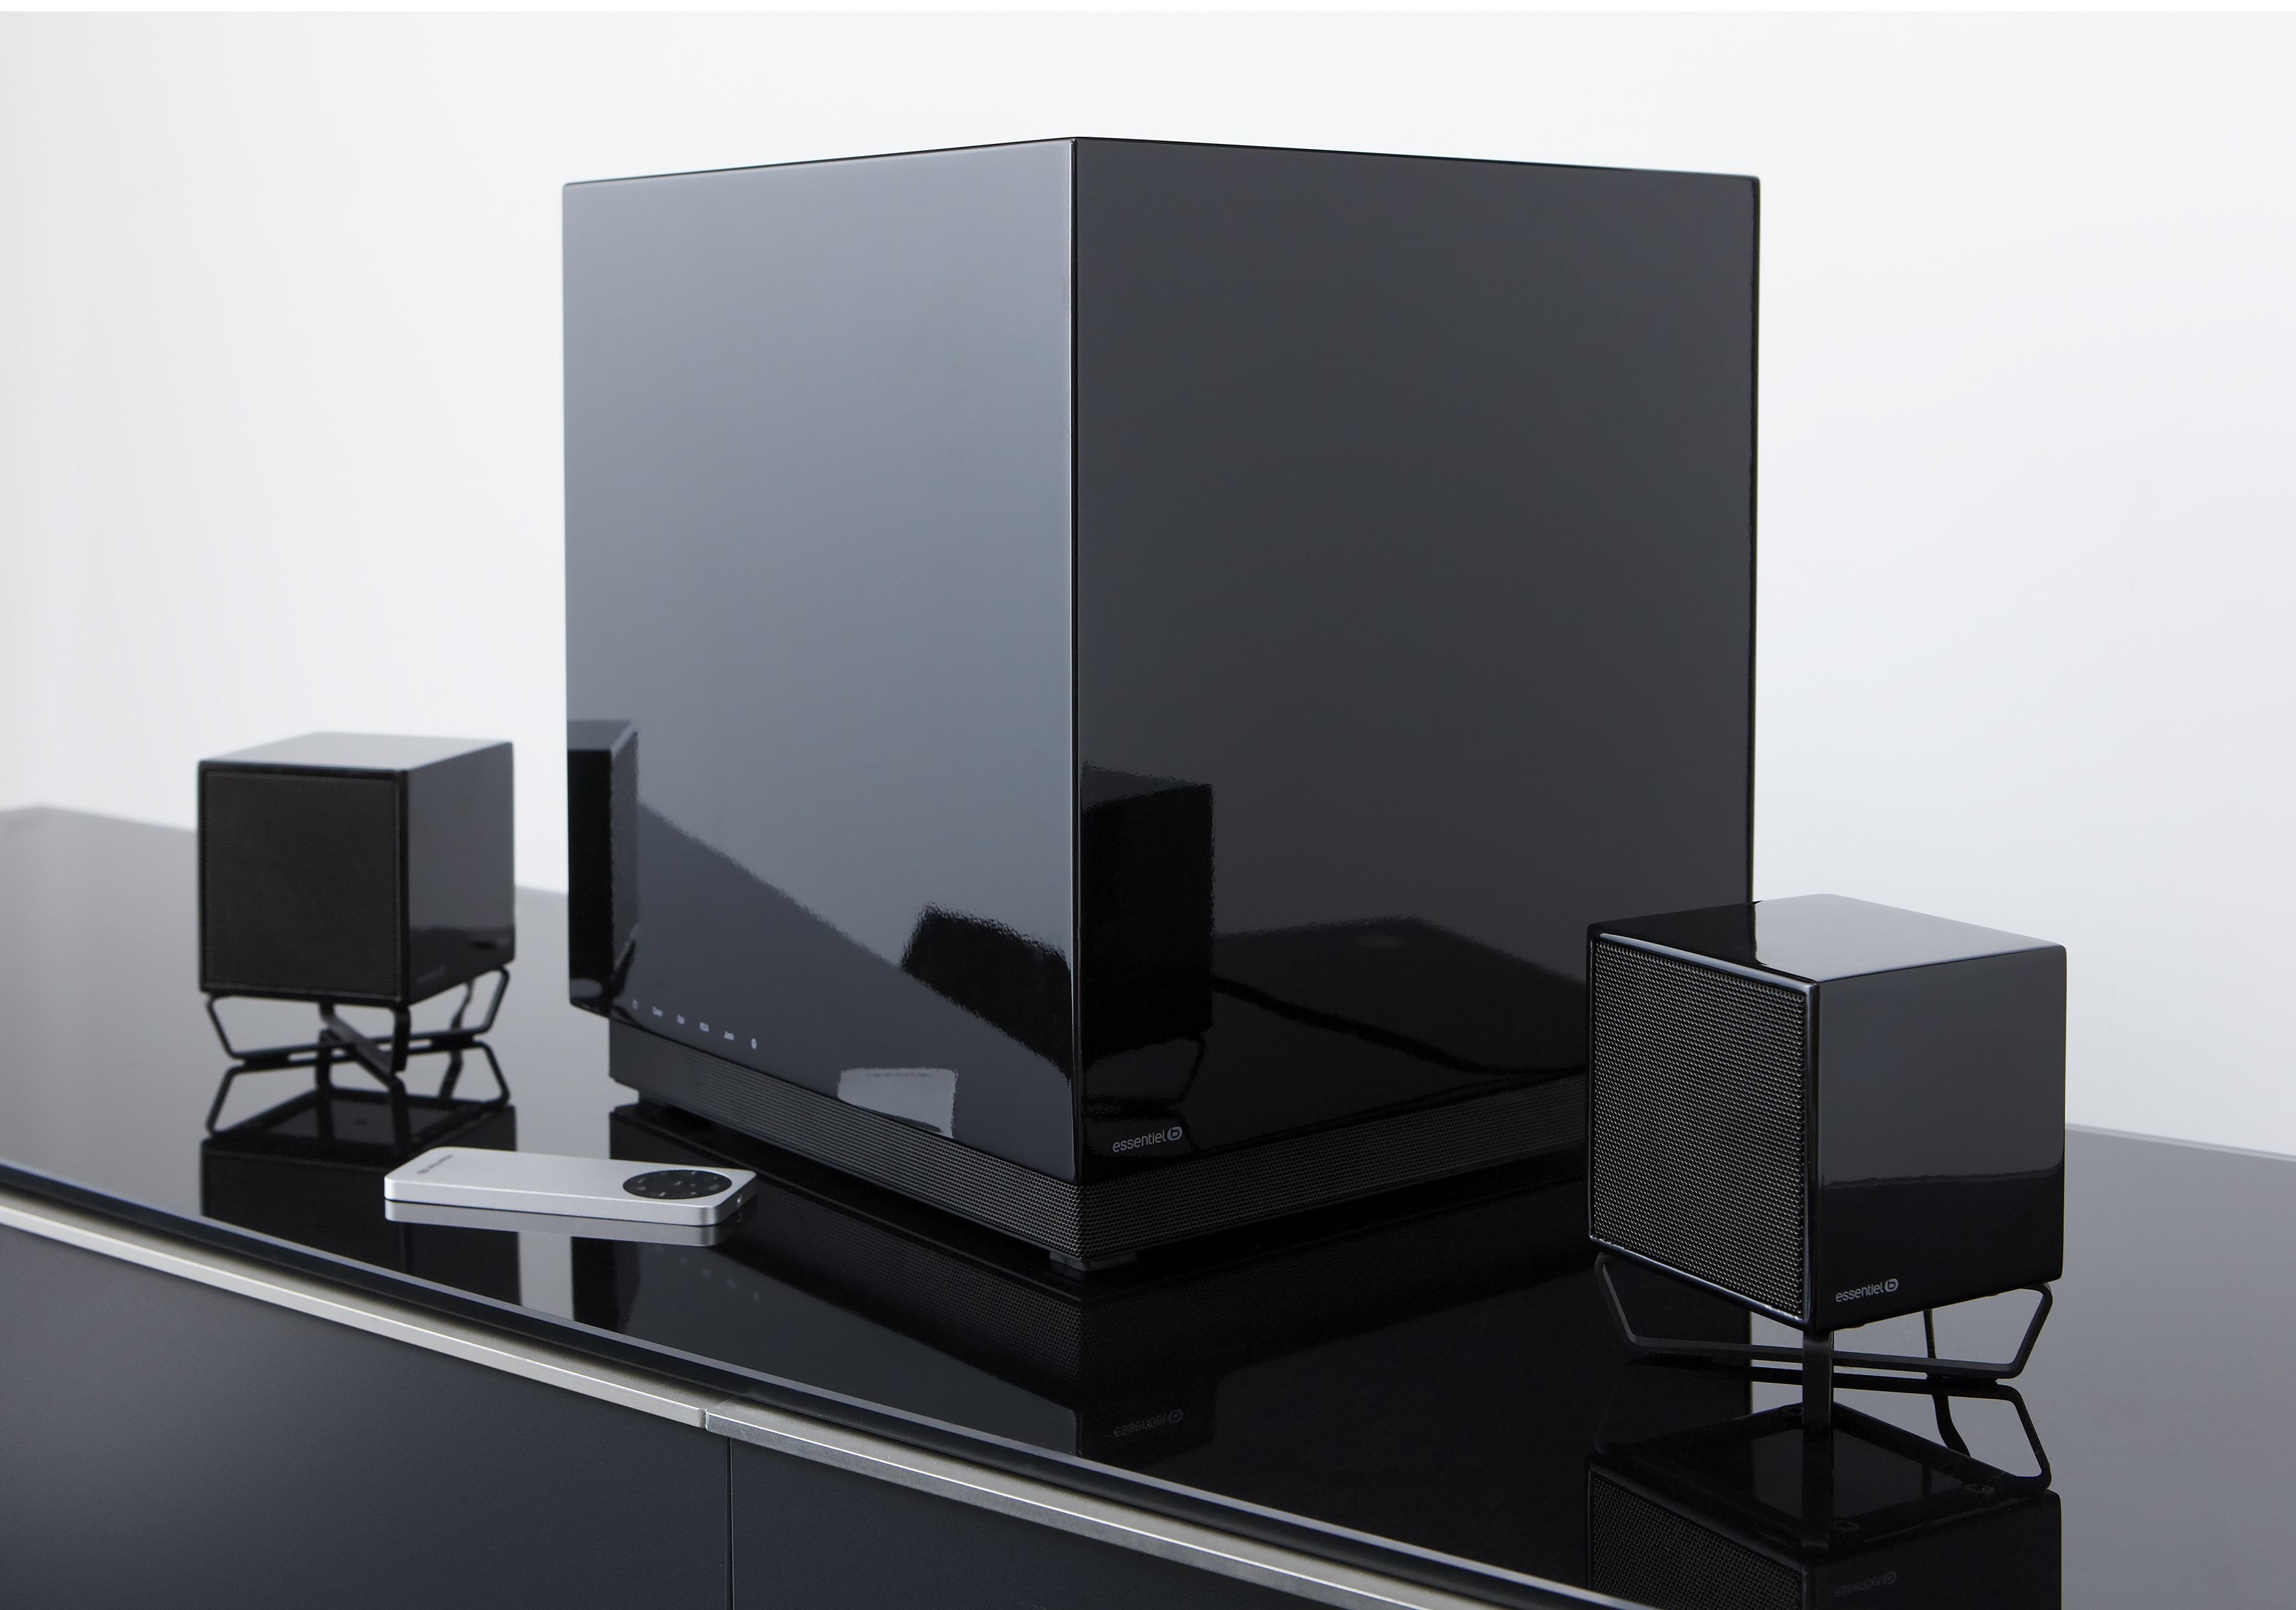 la transformation de boulanger en industriel. Black Bedroom Furniture Sets. Home Design Ideas